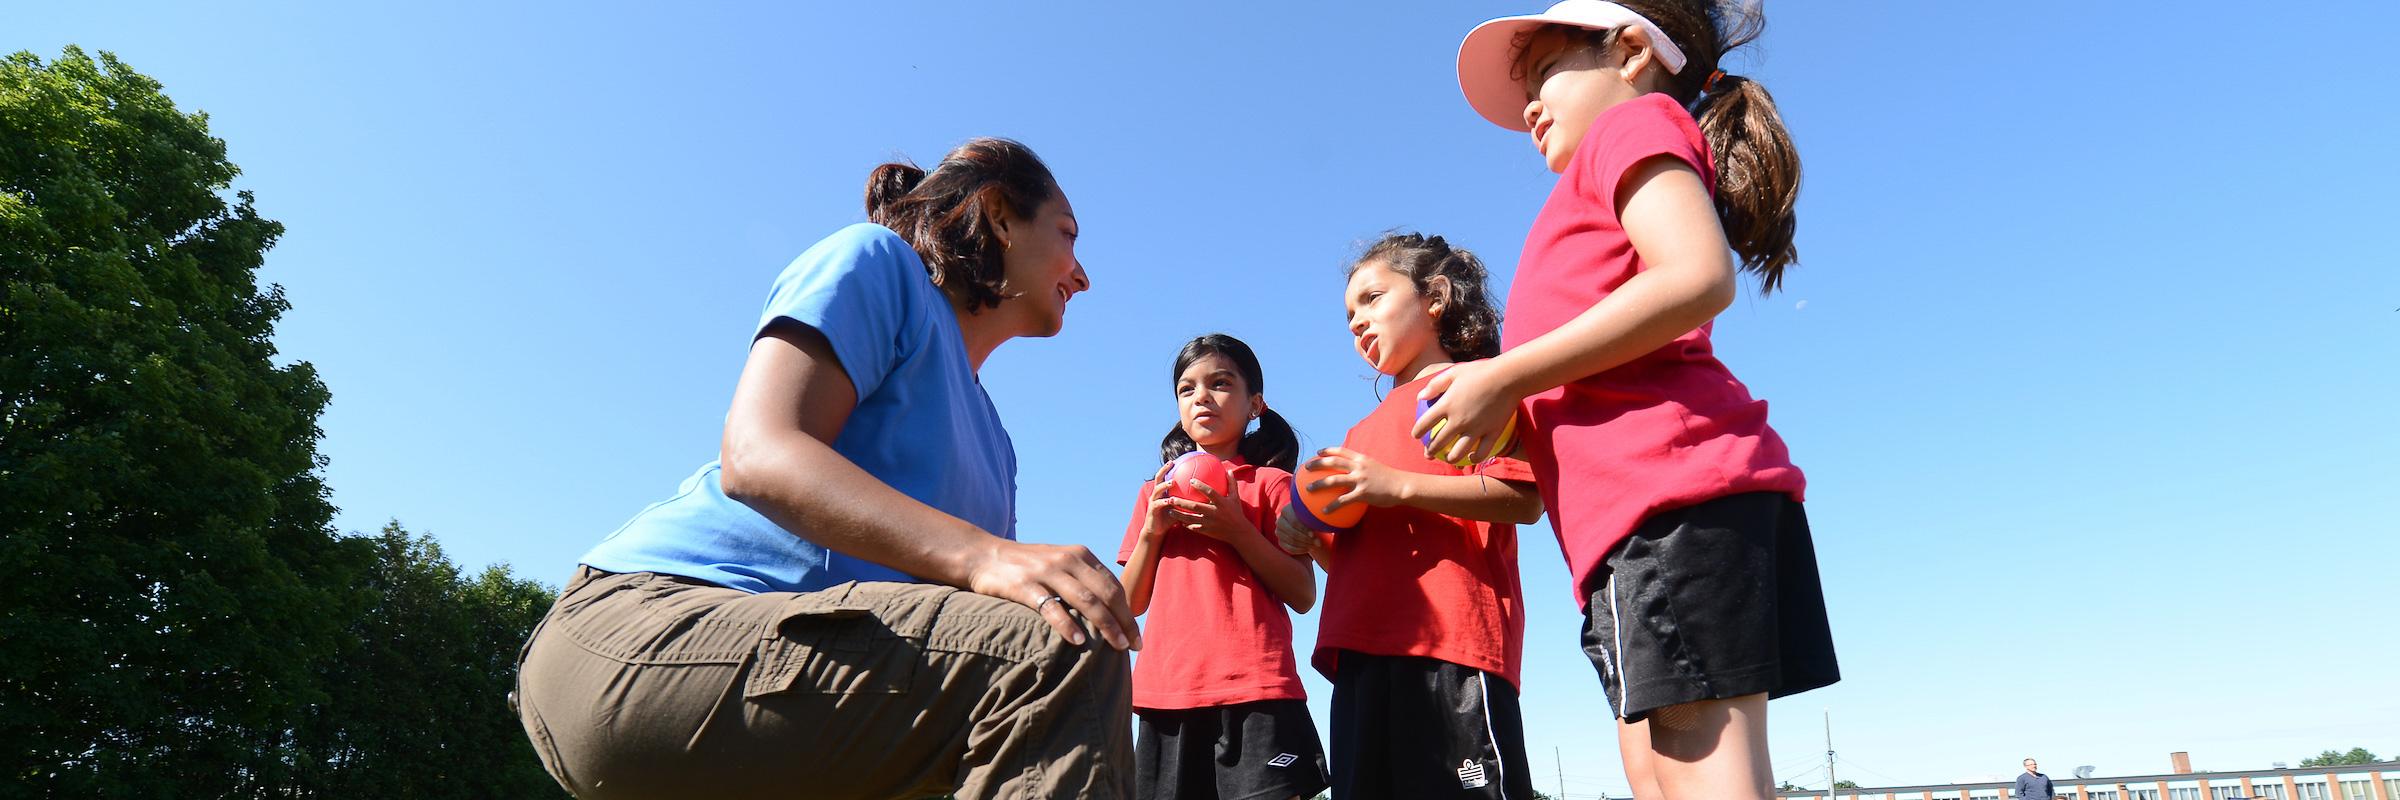 coaching in canada